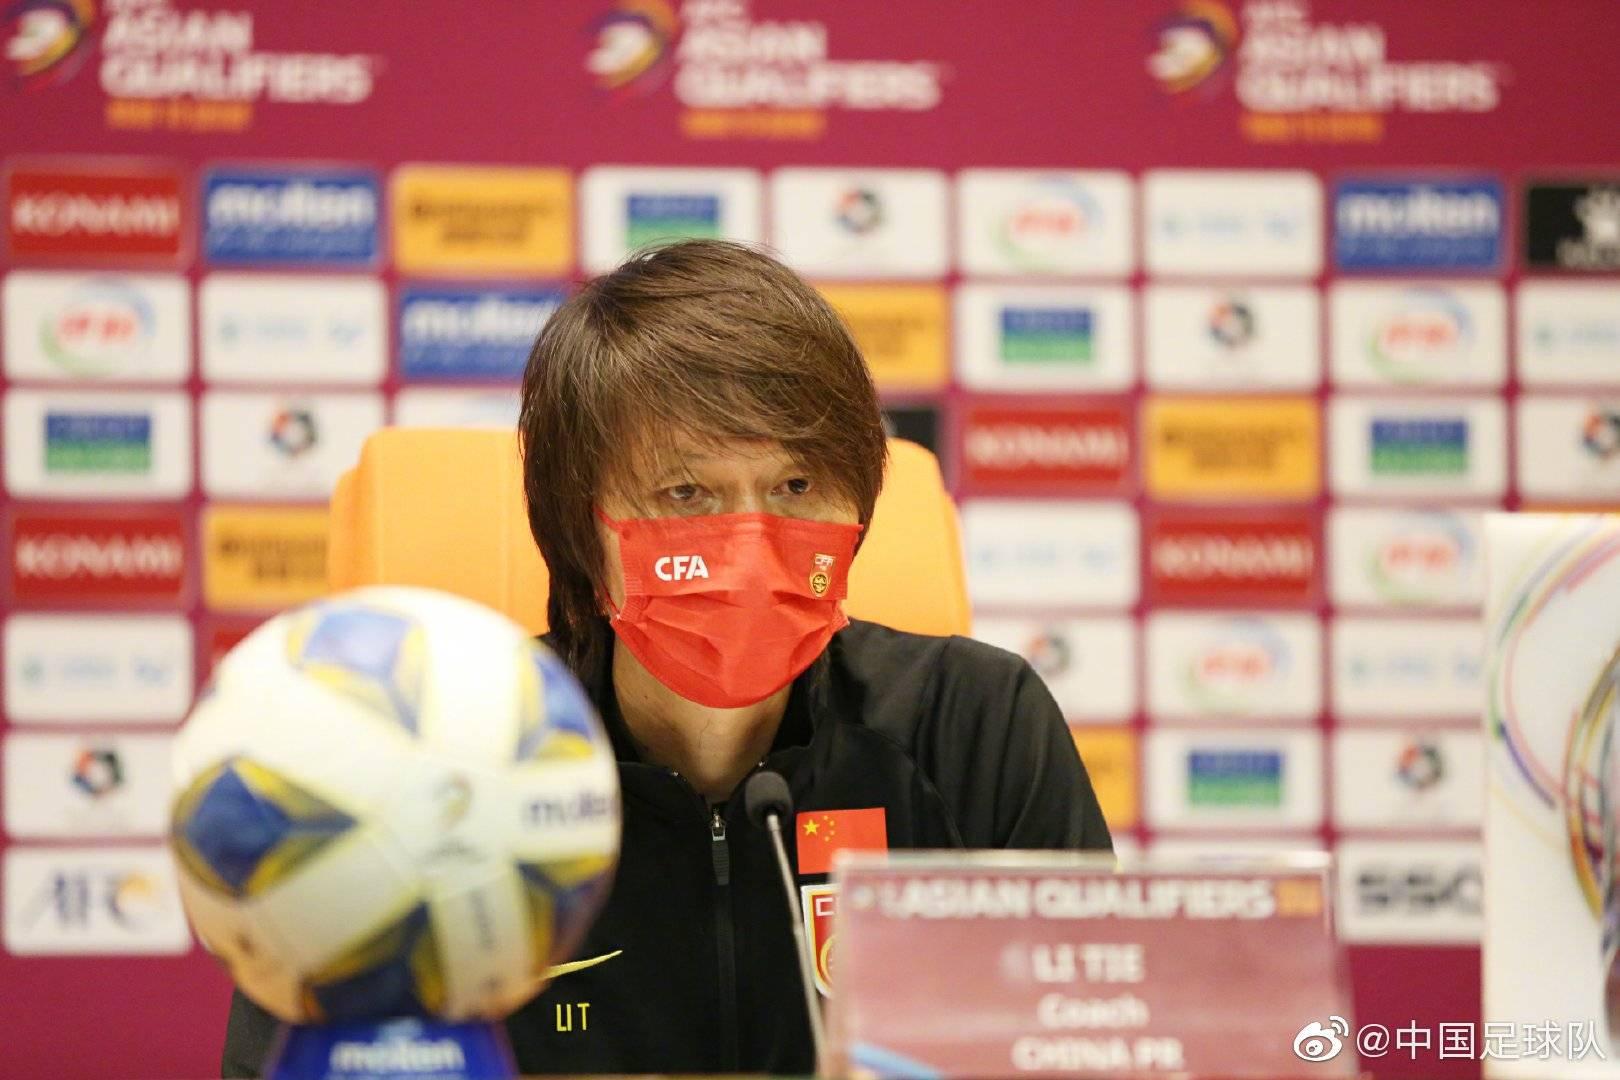 中国足协正积极推进国足主场比赛 等待官方最终批准